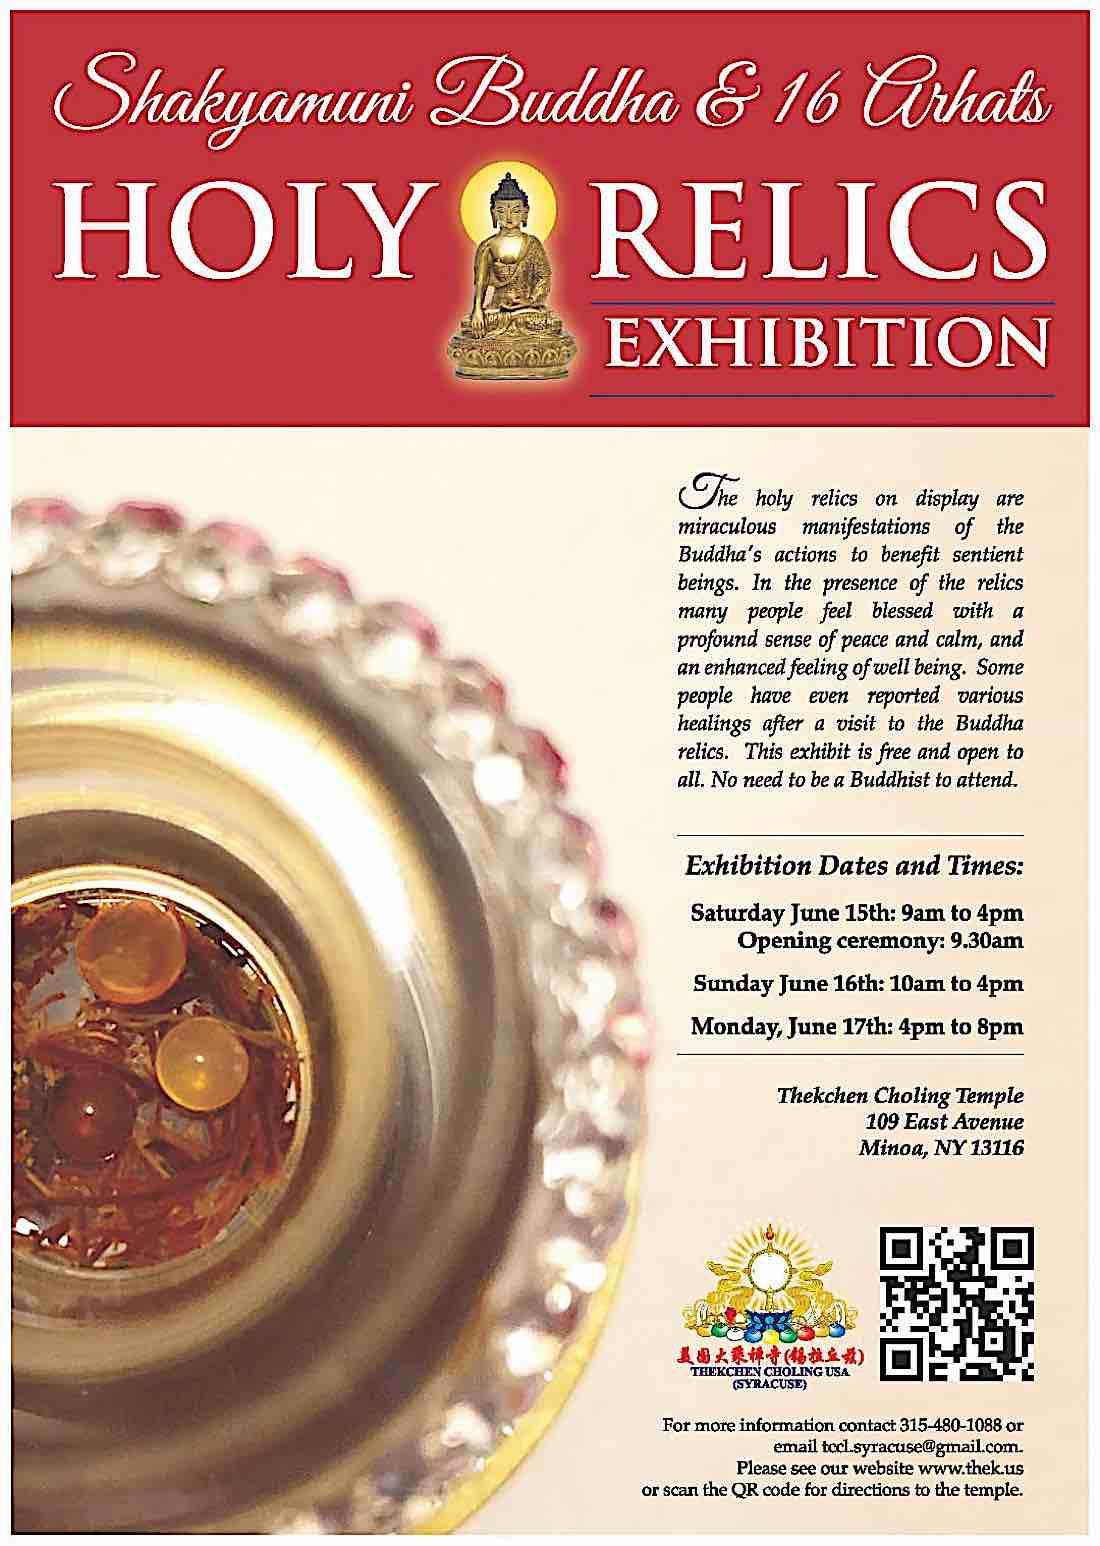 Buddha Weekly Poster Shakyamuni Buddha Relics Exhibit in New York Buddhism